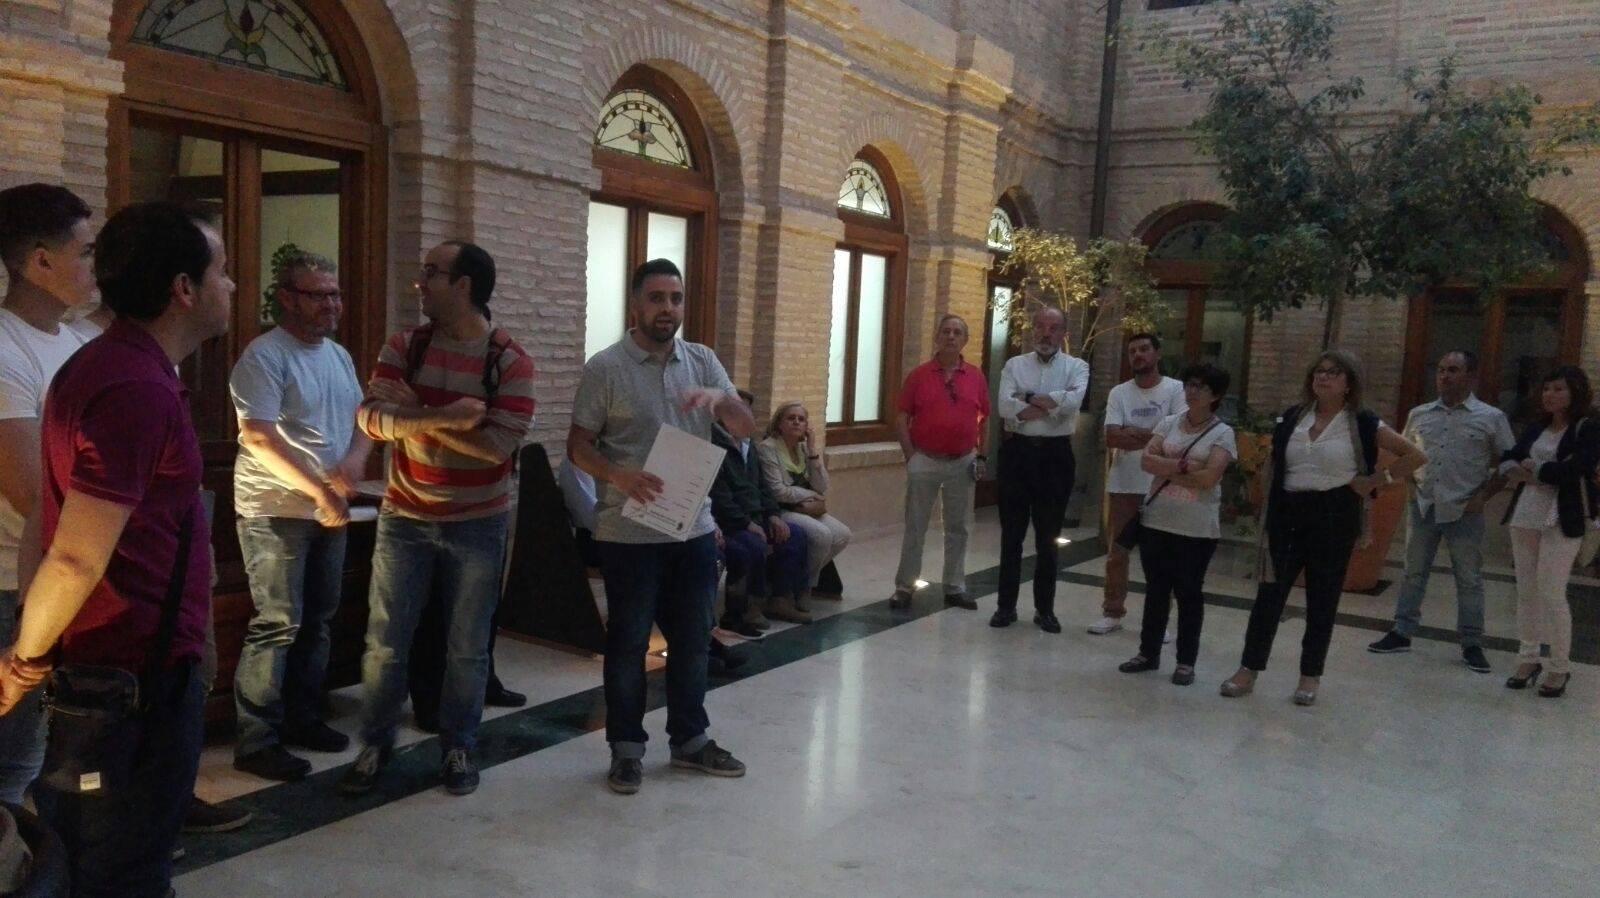 Claustro Ayuntamiento Herencia 4 - Inaugurado el antiguo Claustro del Ayuntamiento como galería artística del patrimonio histórico de Herencia